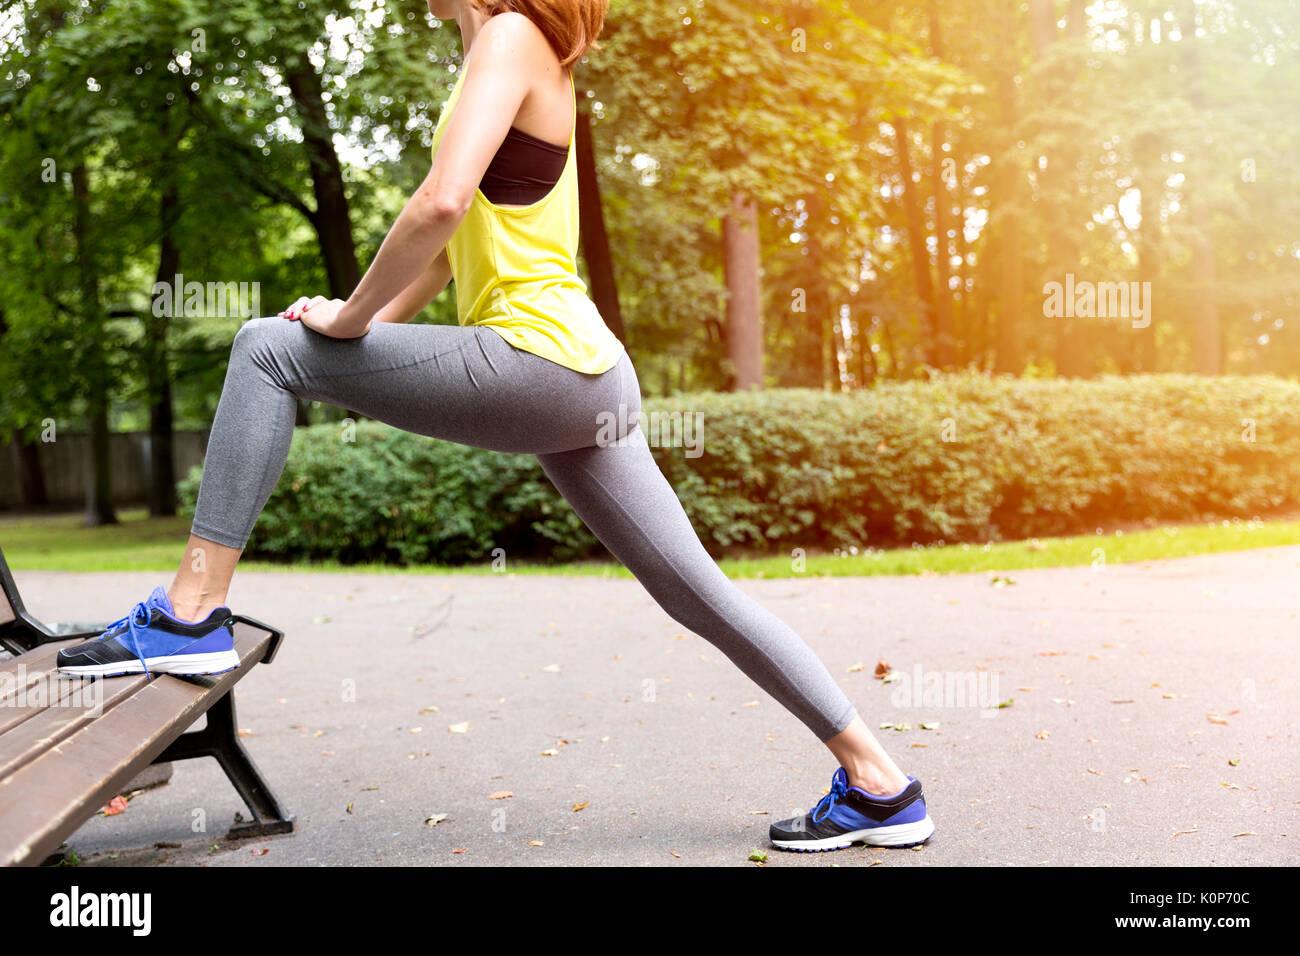 Gesunde junge Frau Stretching vor Fitness und Bewegung im Park, gesunden Lebensstil Konzept Stockbild